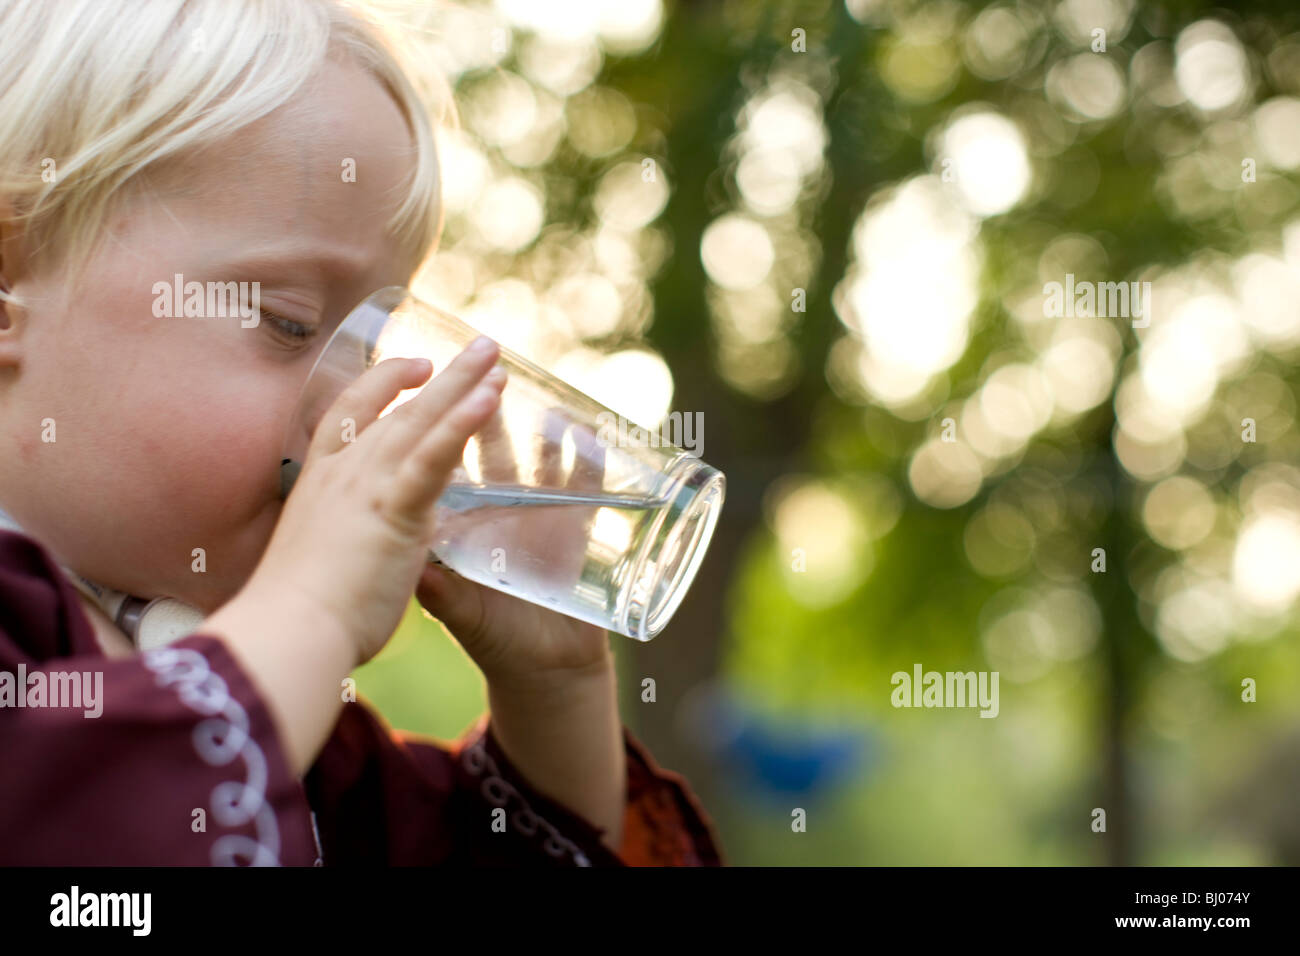 Jeune garçon de boire un verre d'eau. Photo Stock